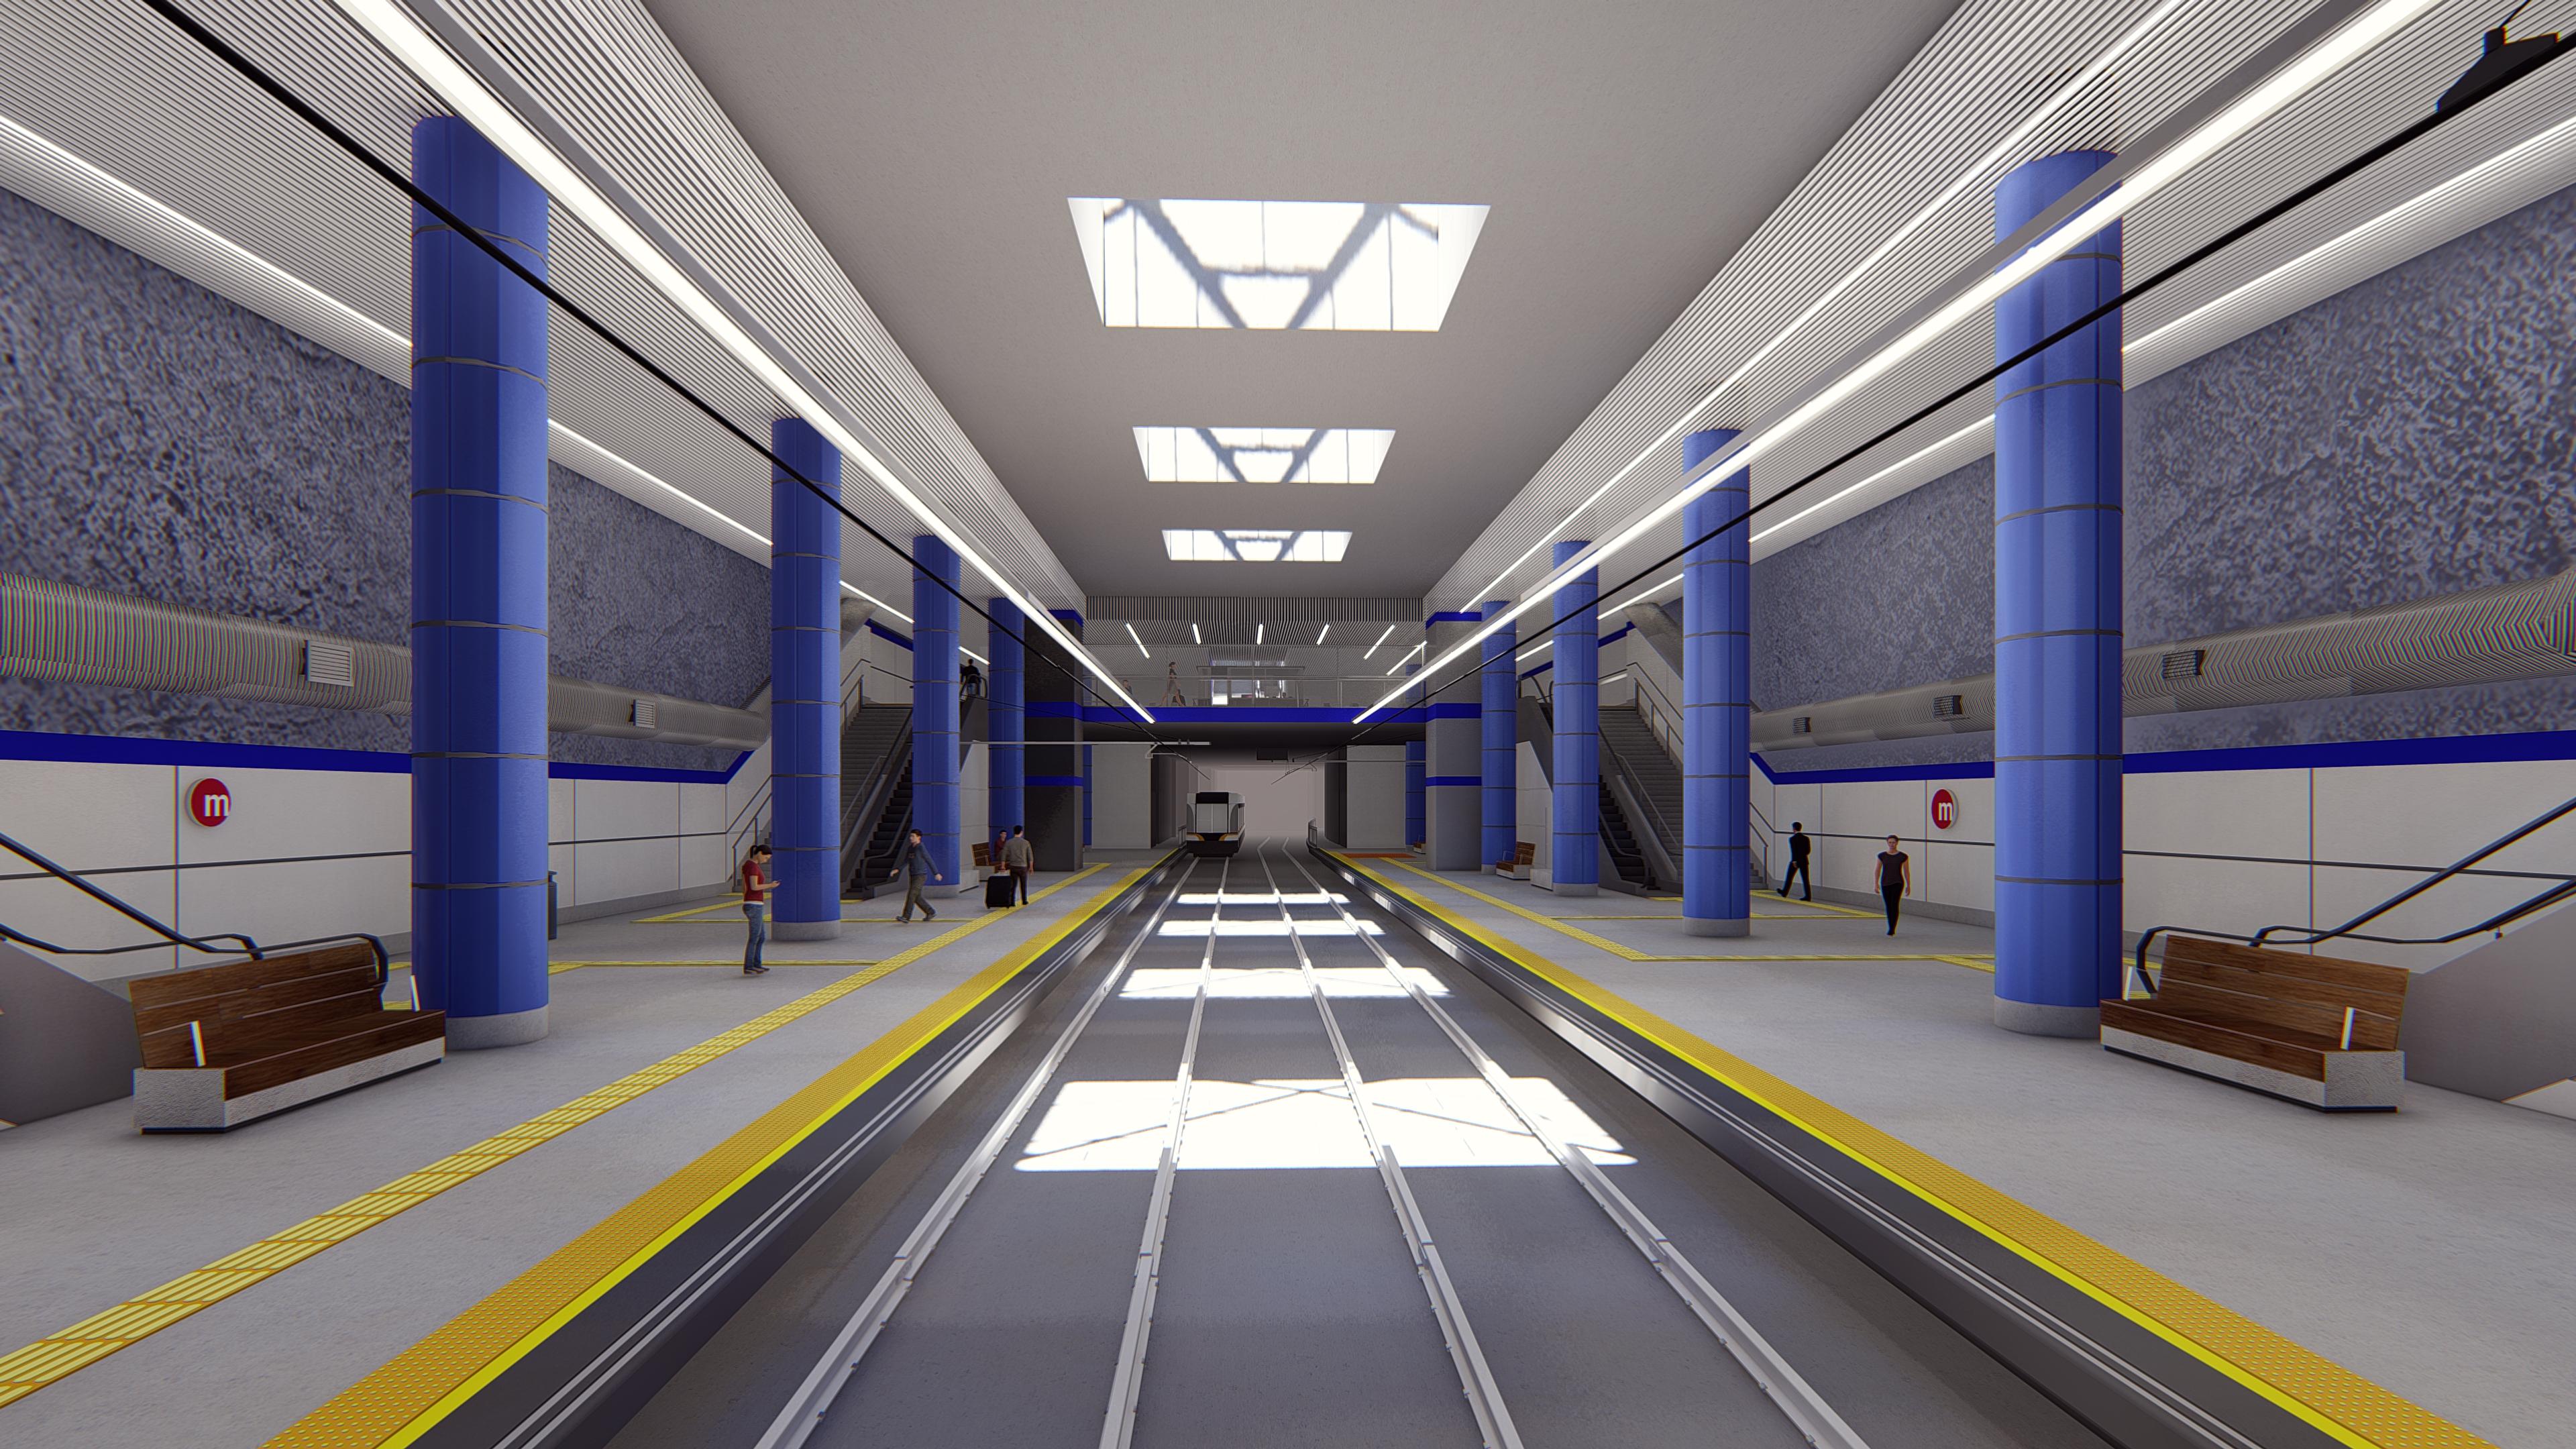 Ferrocarrils de la Generalitat publica su Manual BIM para potenciar esta metodología que documenta el ciclo de vida de las infraestructuras